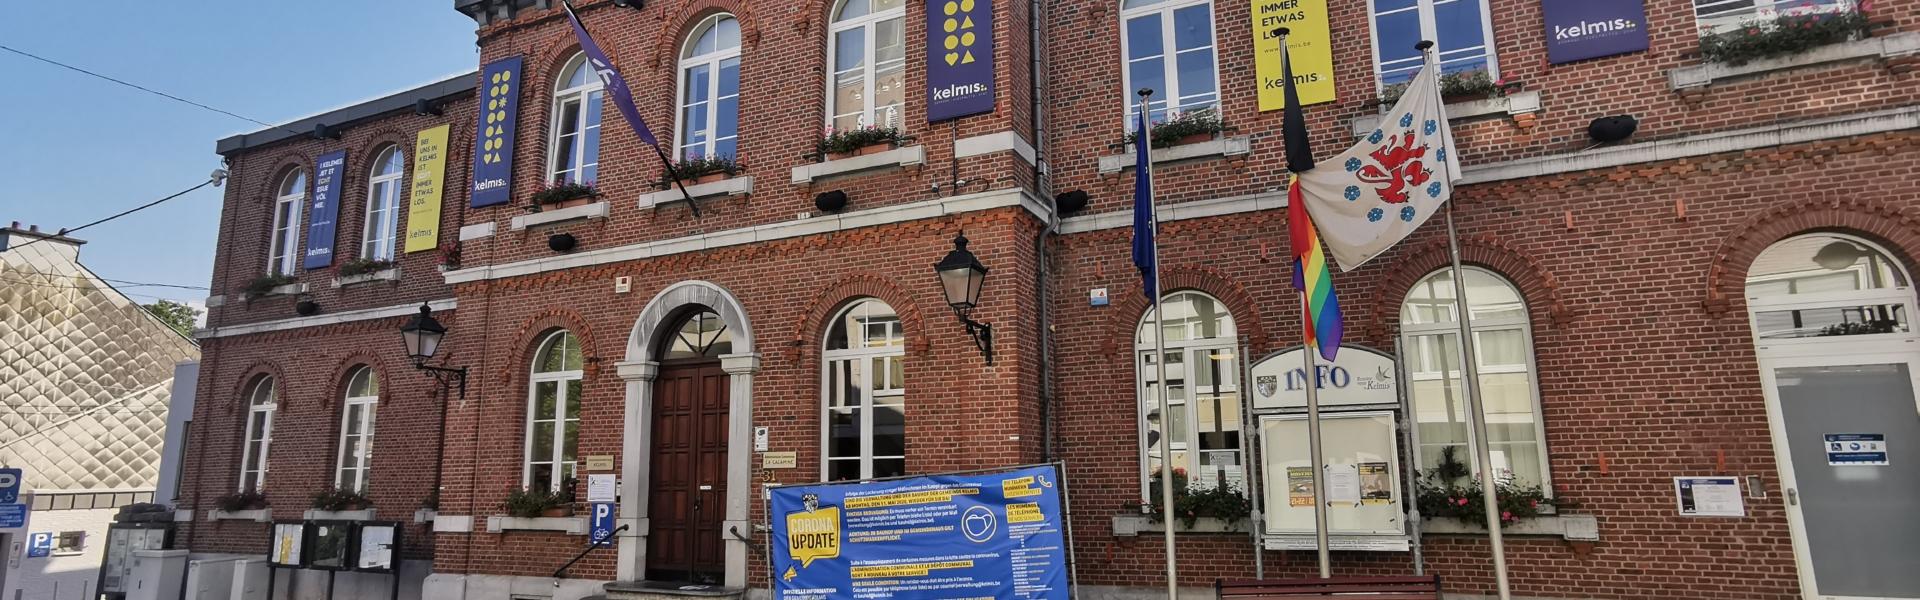 Gemeindehaus Kelmis